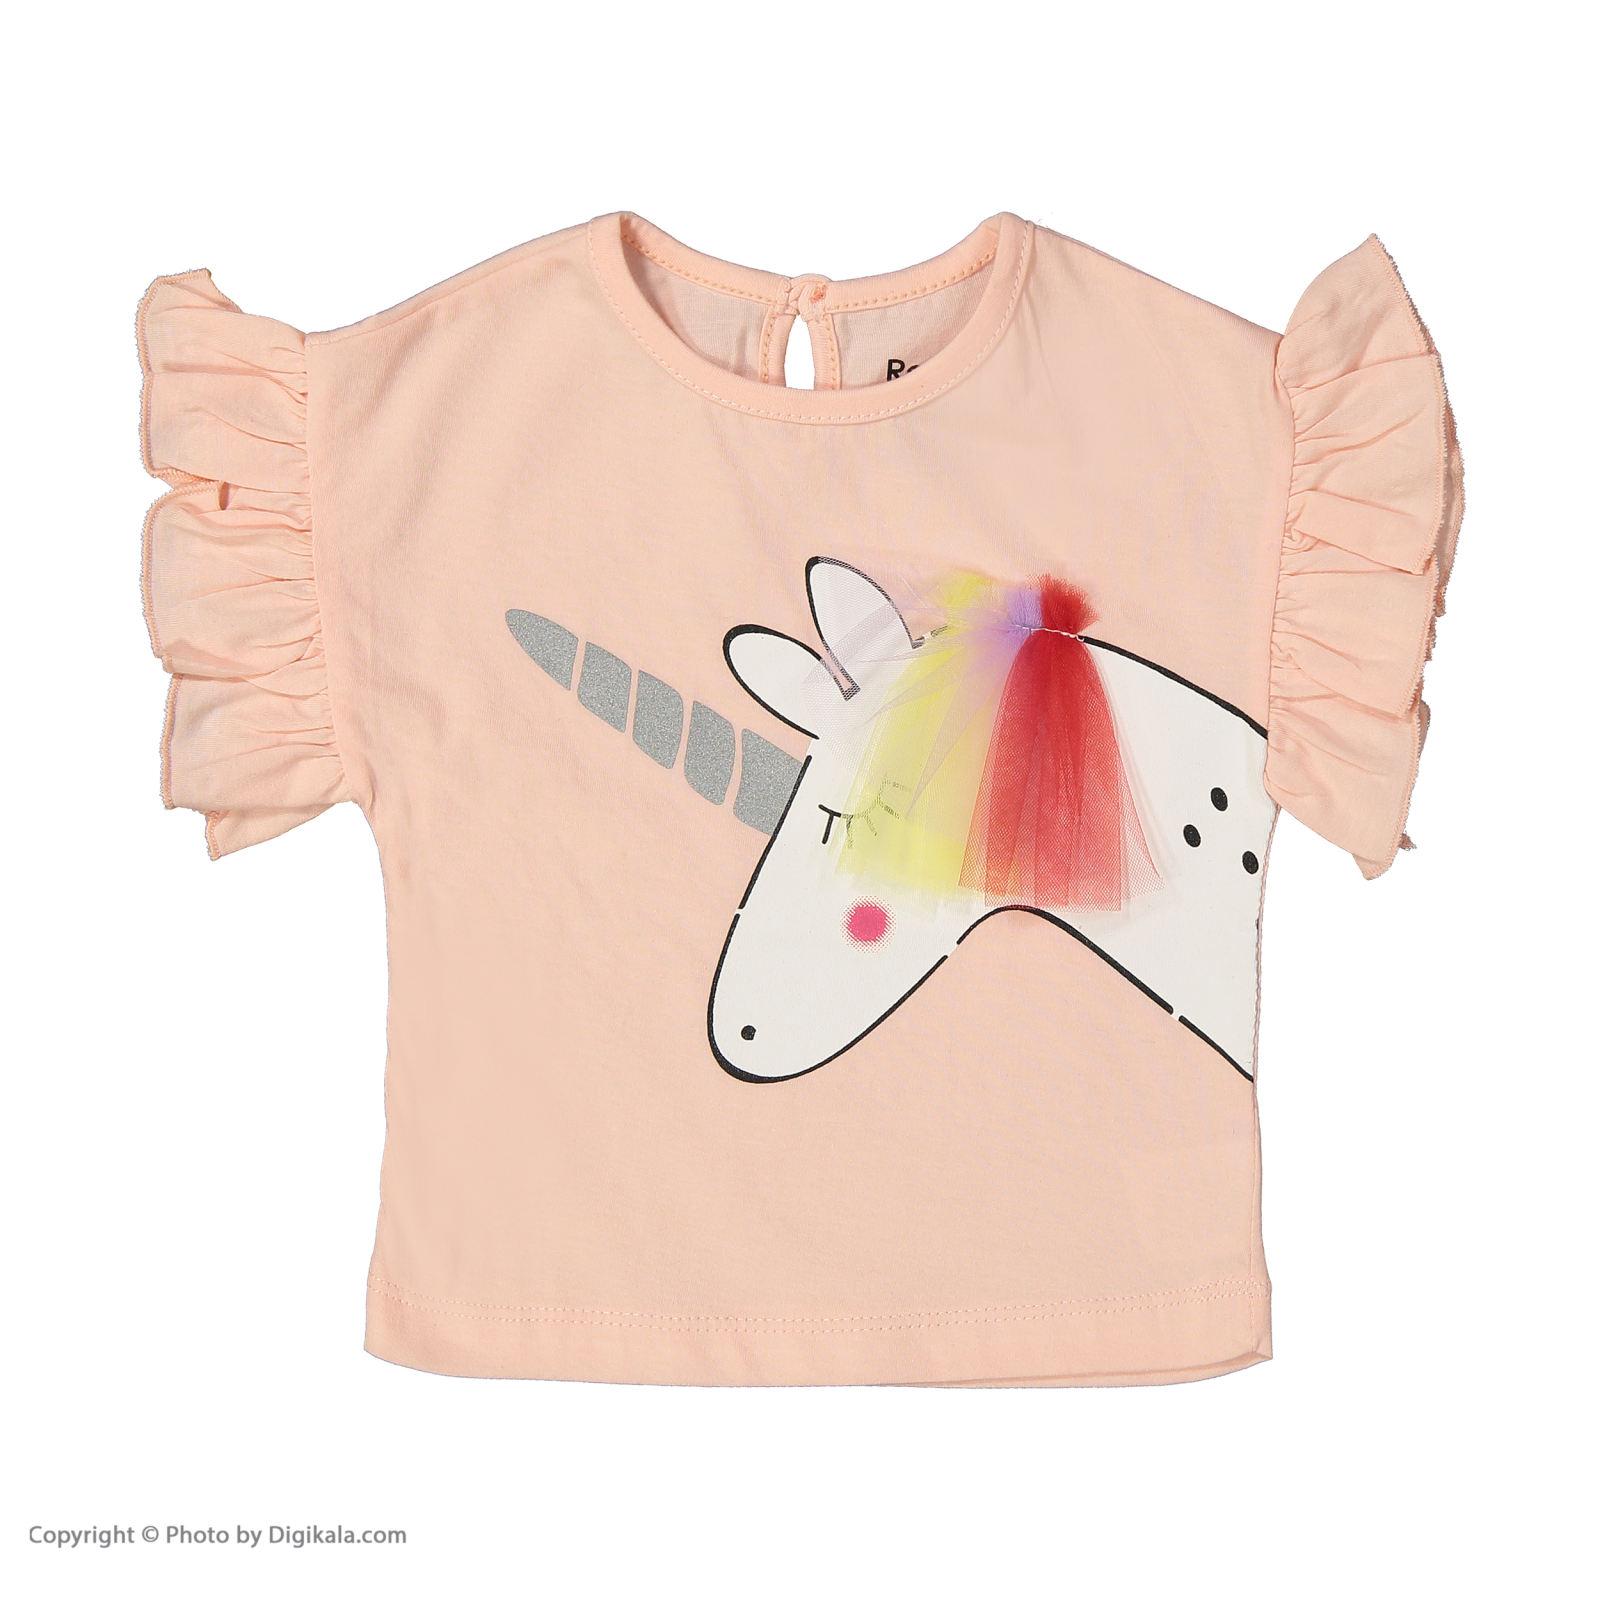 ست تی شرت و شلوار دخترانه رابو مدل 2051127-81 main 1 2